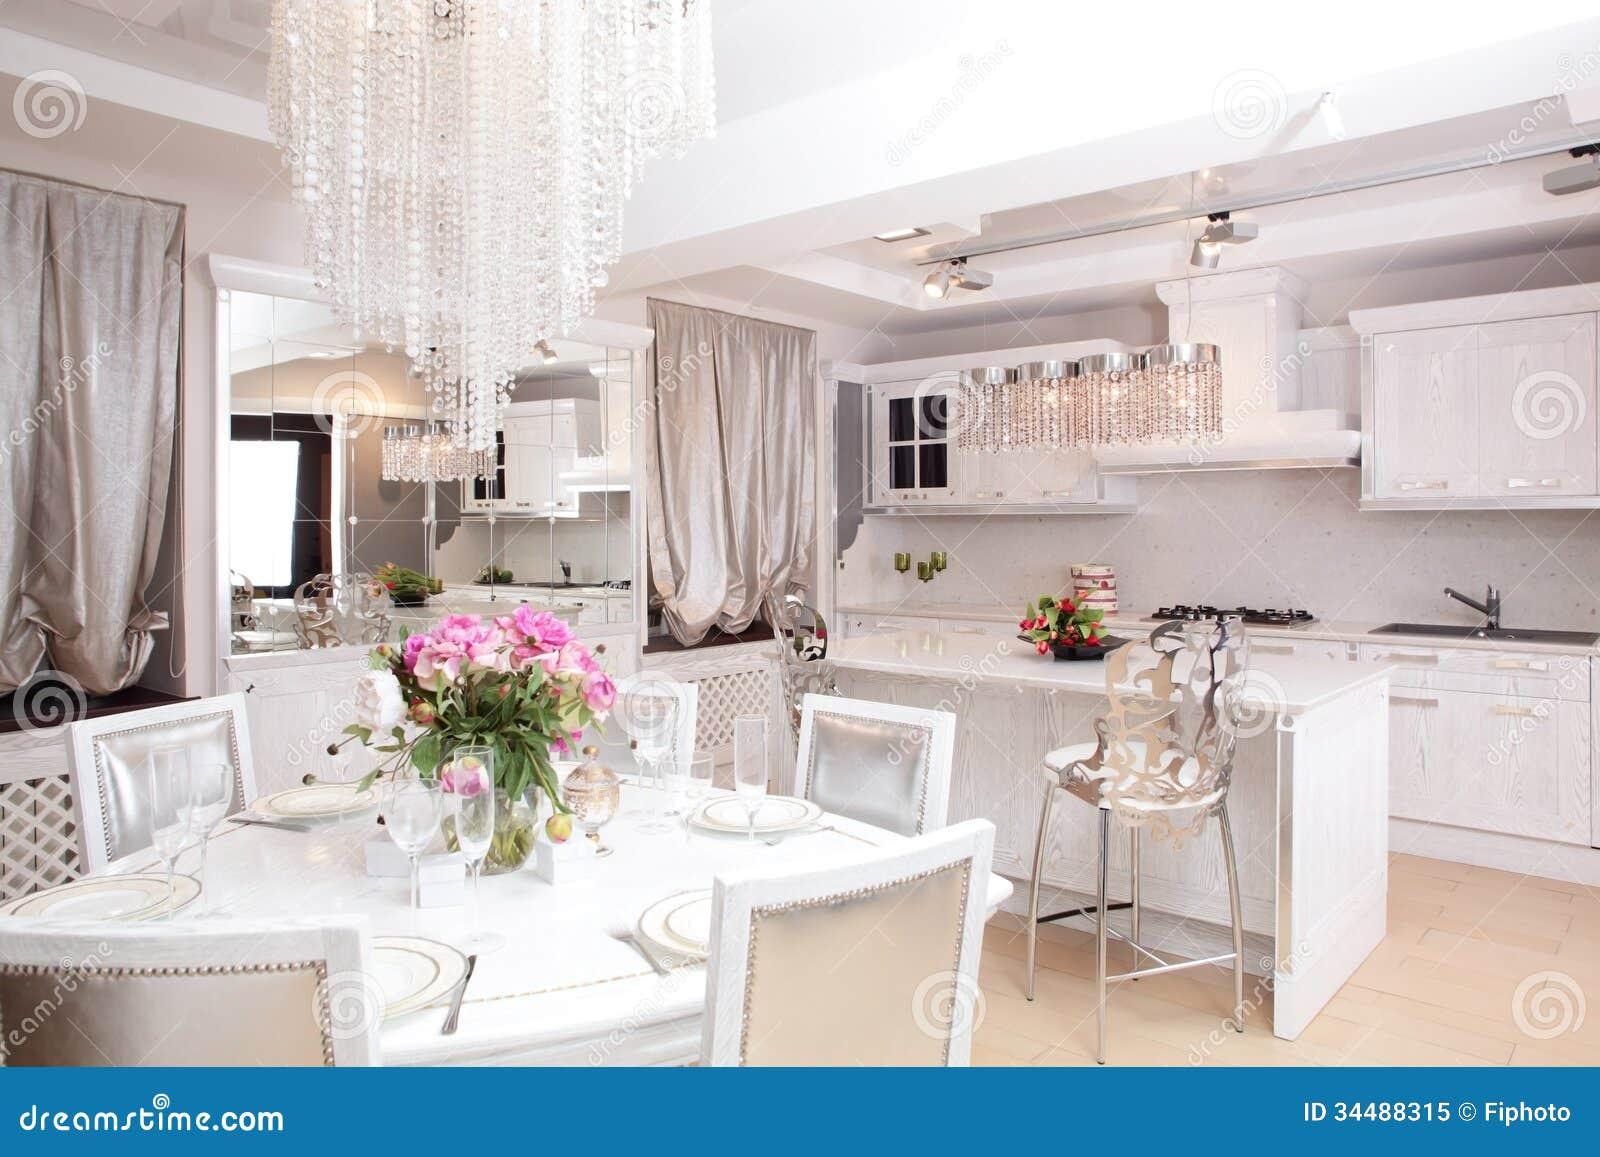 Clean White European Kitchen Stock Image Image 34488315